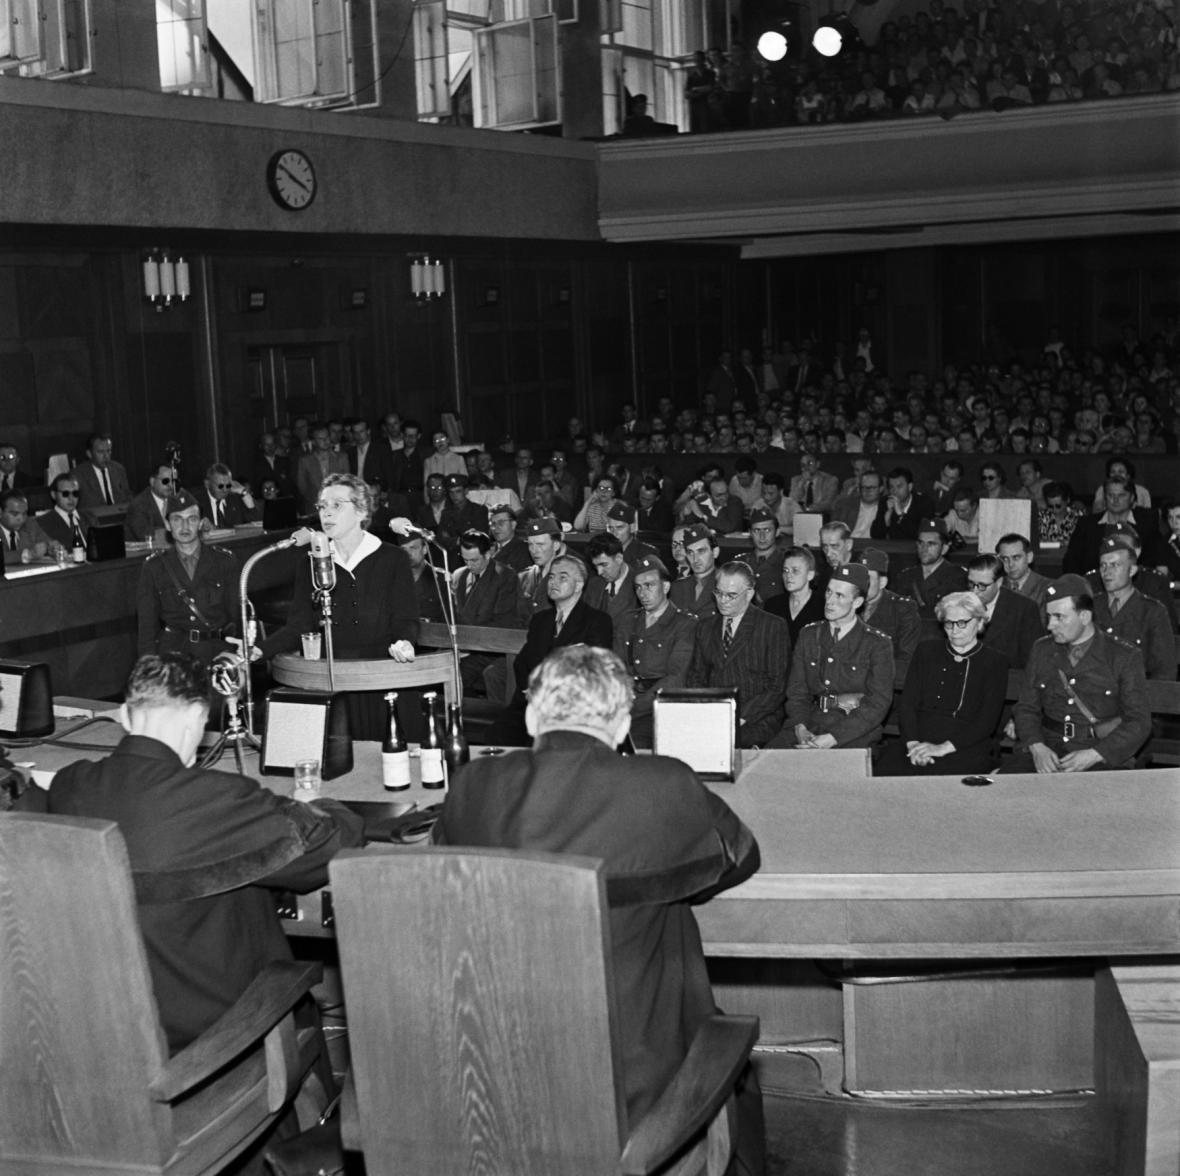 Vykonstruovaný proces s Miladou Horákovou a dalšími v roce 1950